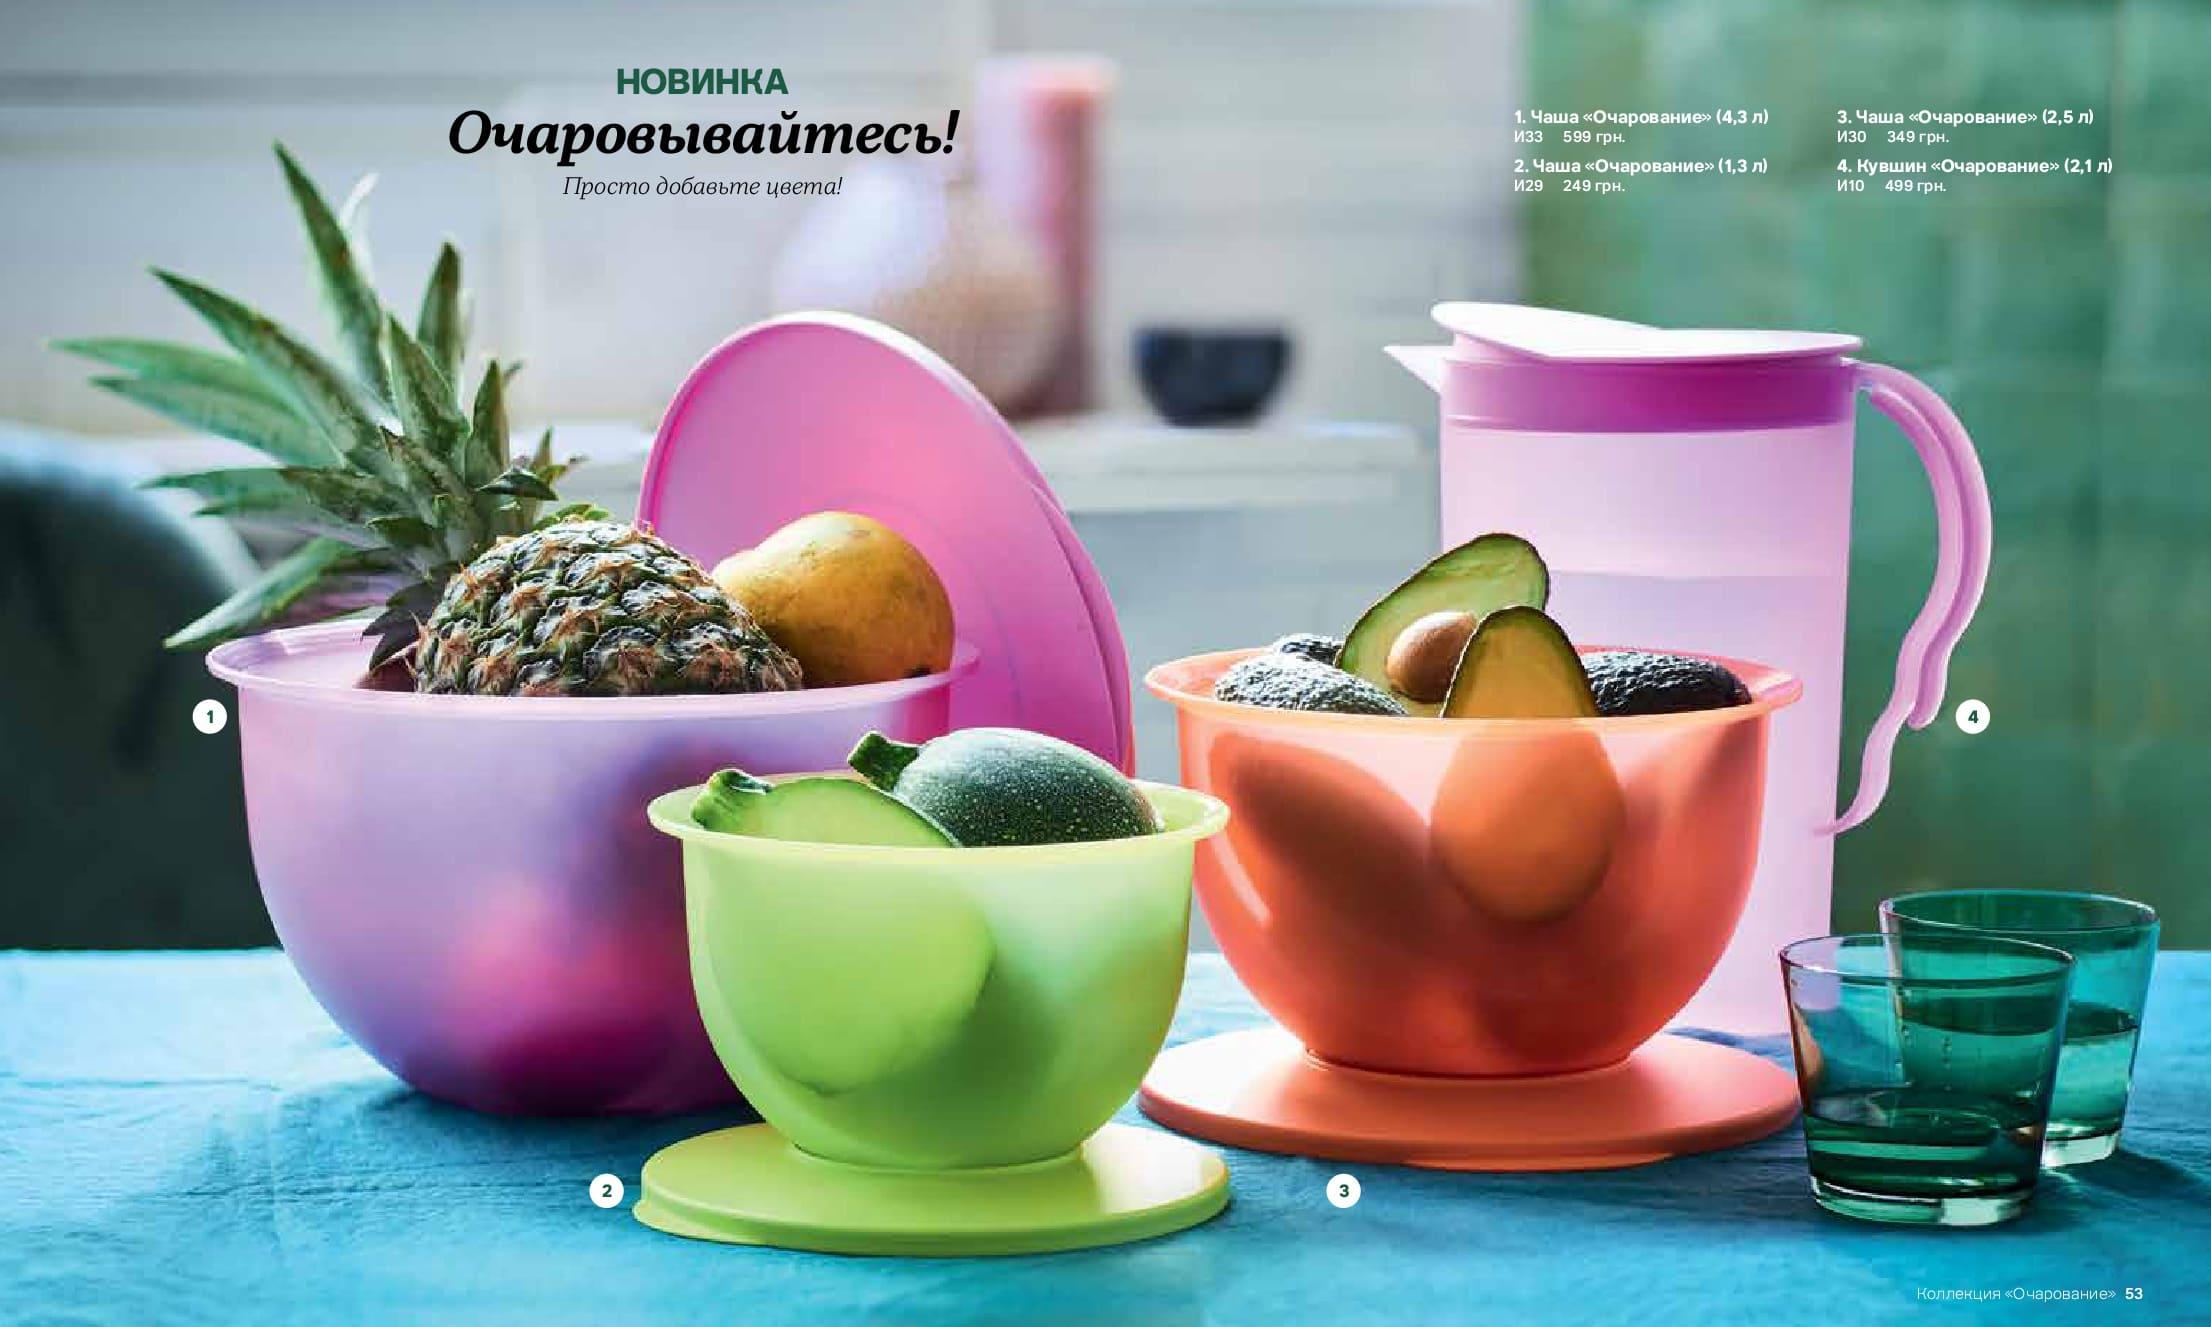 Чаши, тарелочки и кувшин Очарование – это стильные изделия, которые не только украсят Вашу кухню, но и позволят Вам сервировать продукты.